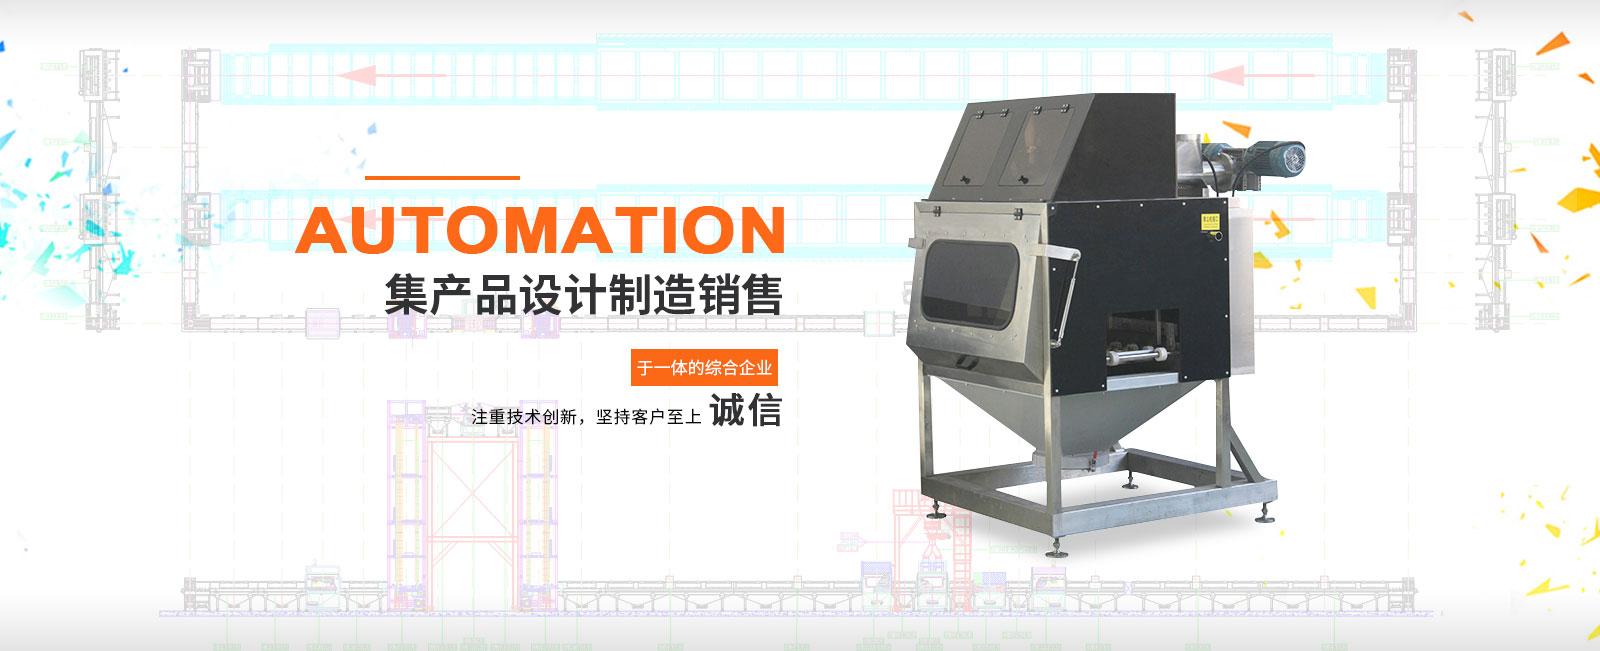 上海锂电设备